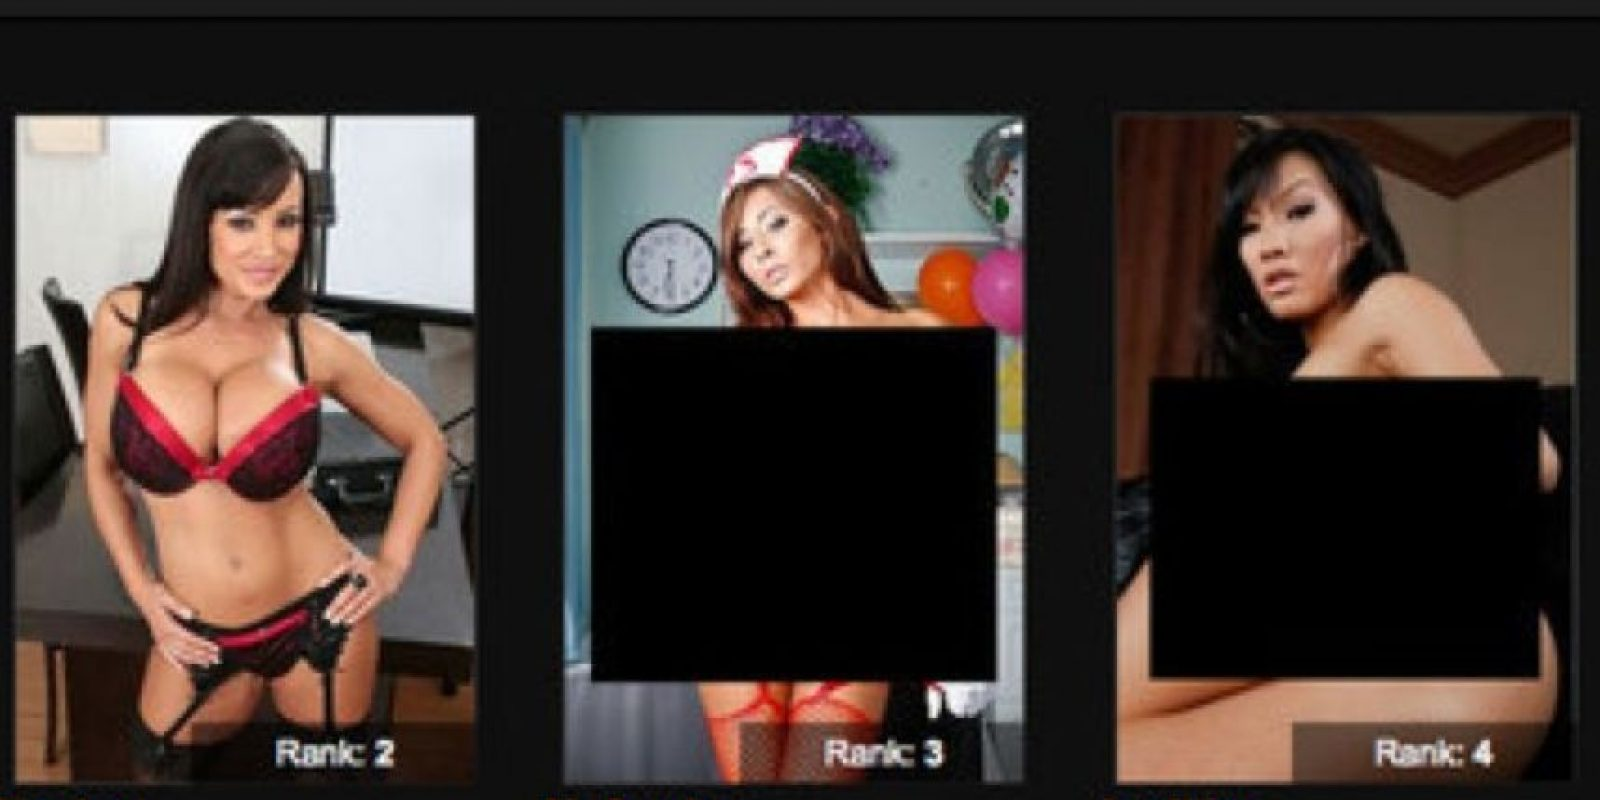 Actriz Porno De Extrema Derecha fotos: ella es la estrella porno más odiada del mundo